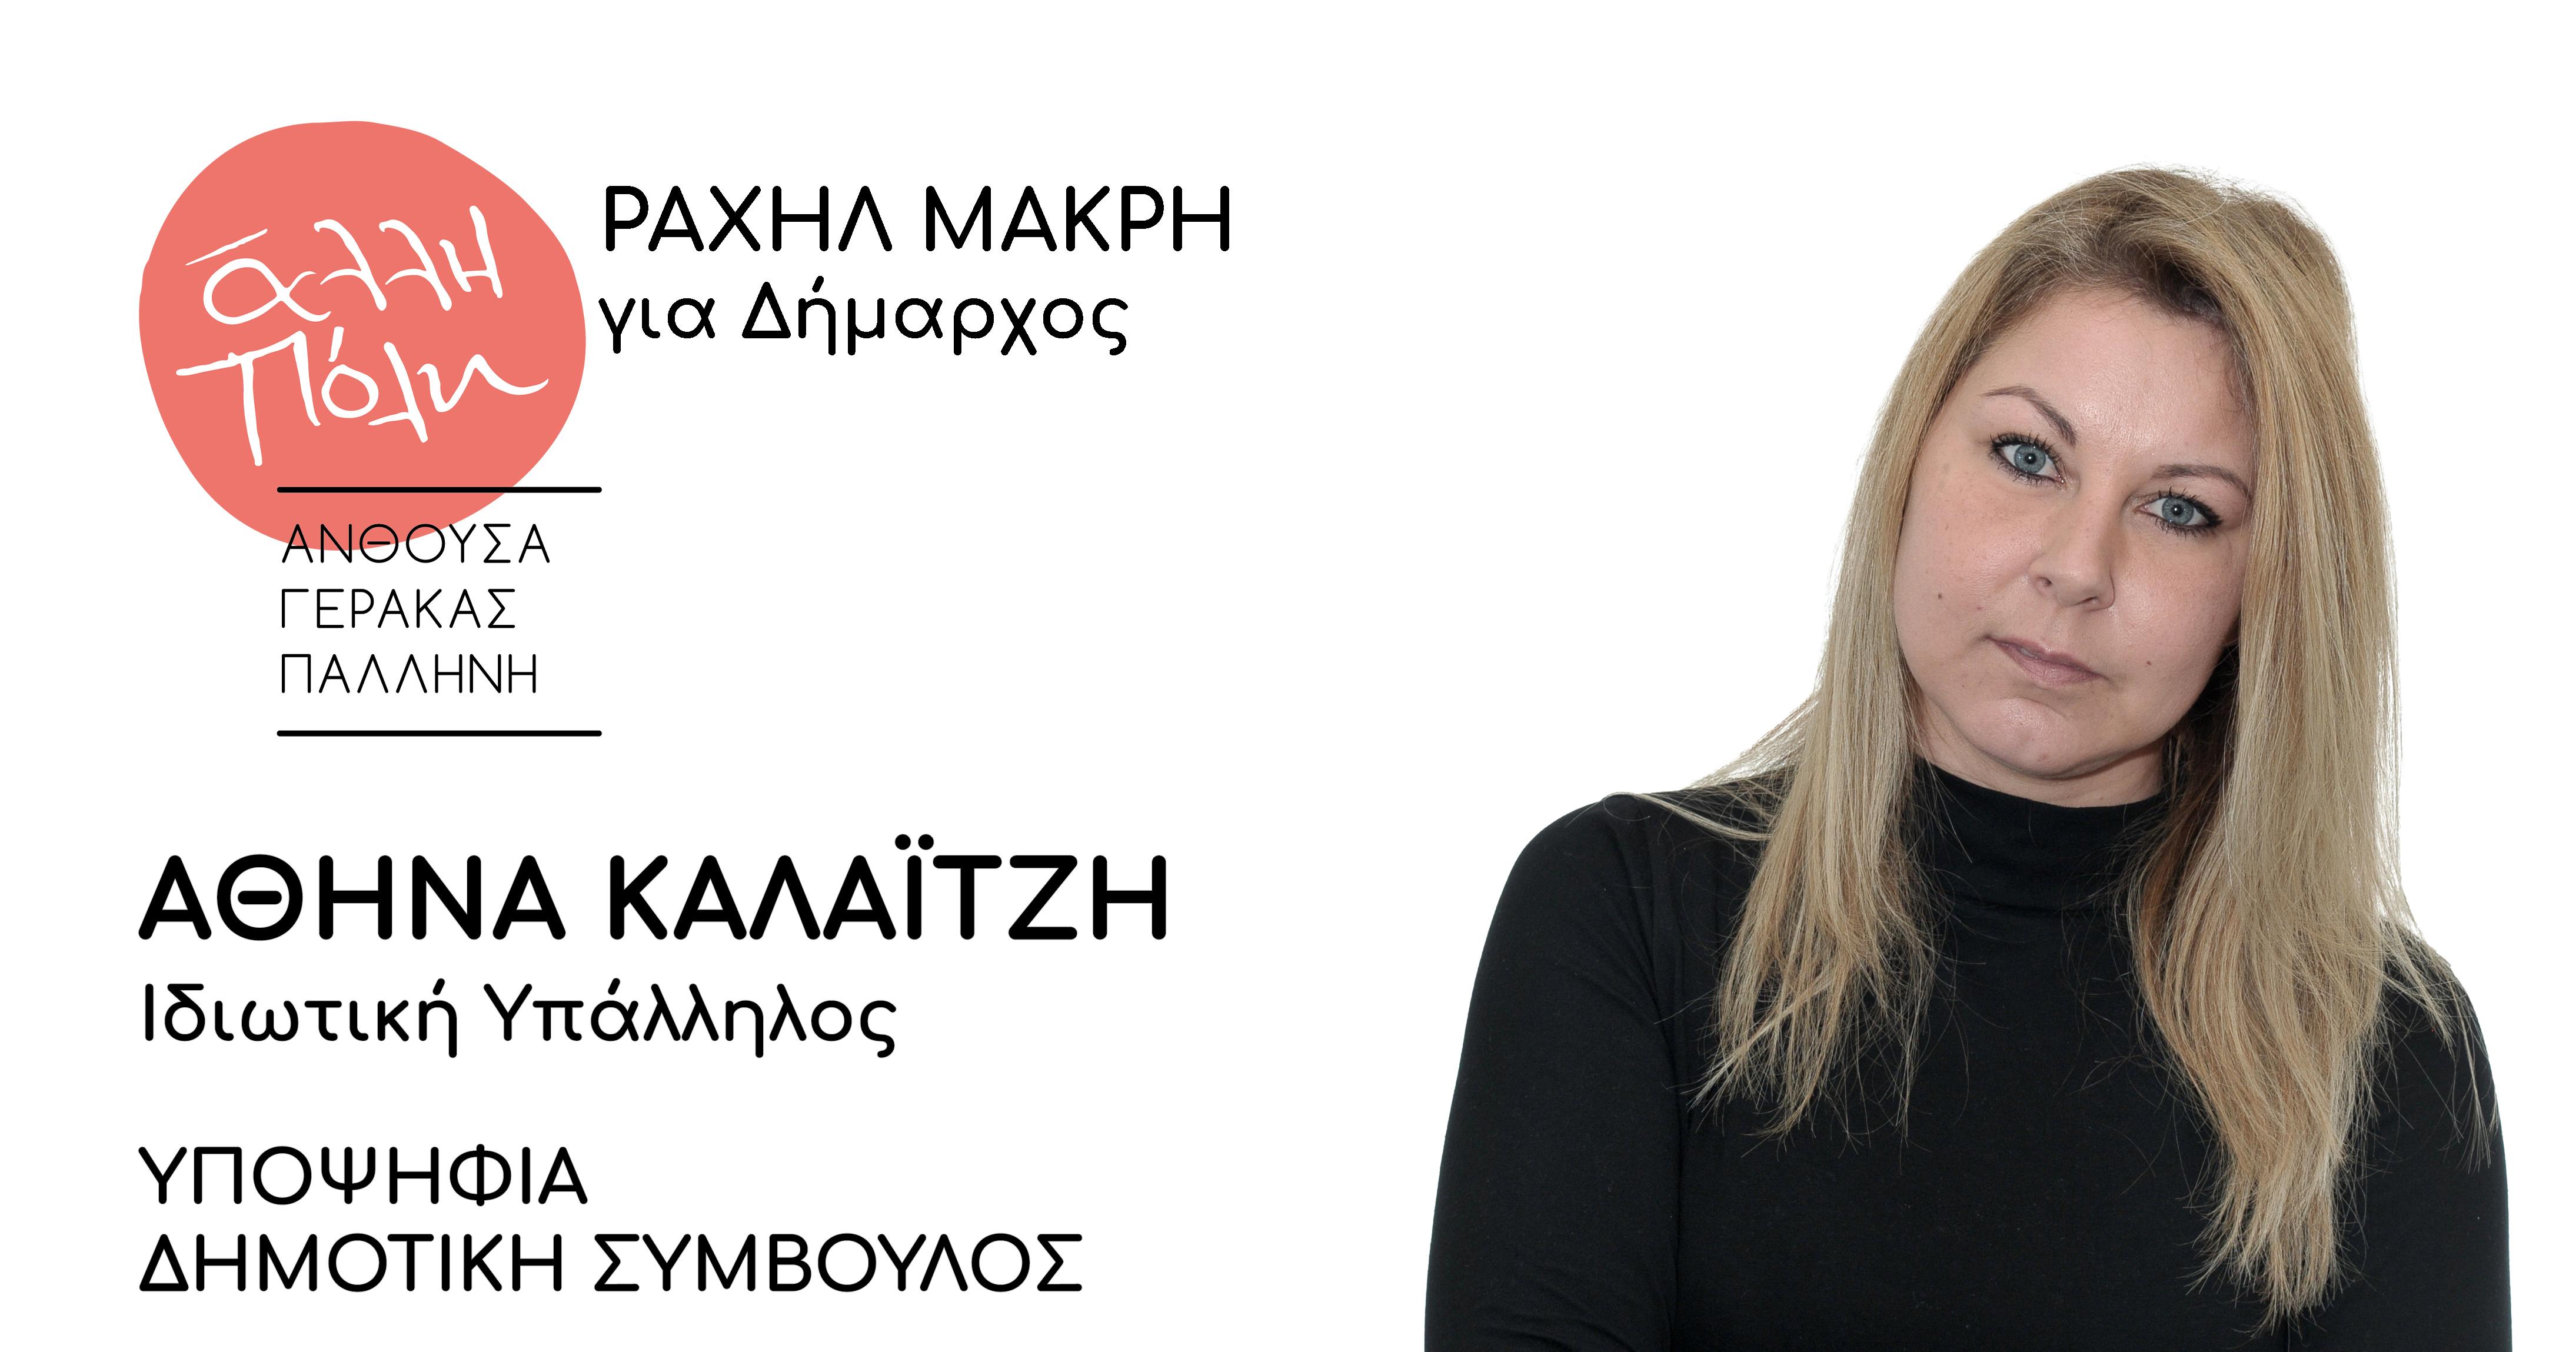 Υποψήφια Δημοτική Σύμβουλος – Αθηνά Καλαϊτζή